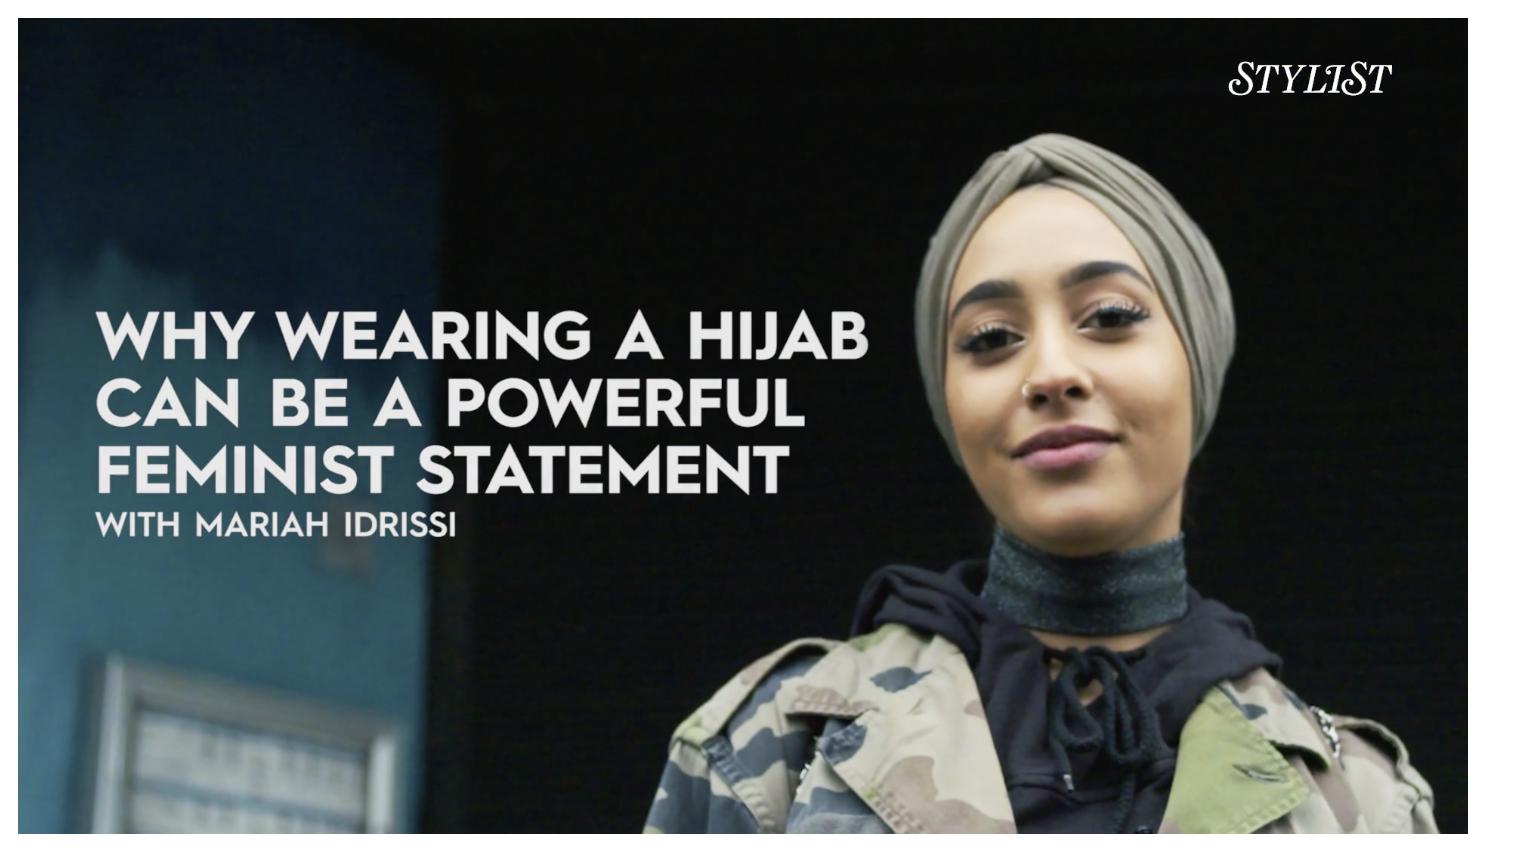 ヒジャブのフェミニスト